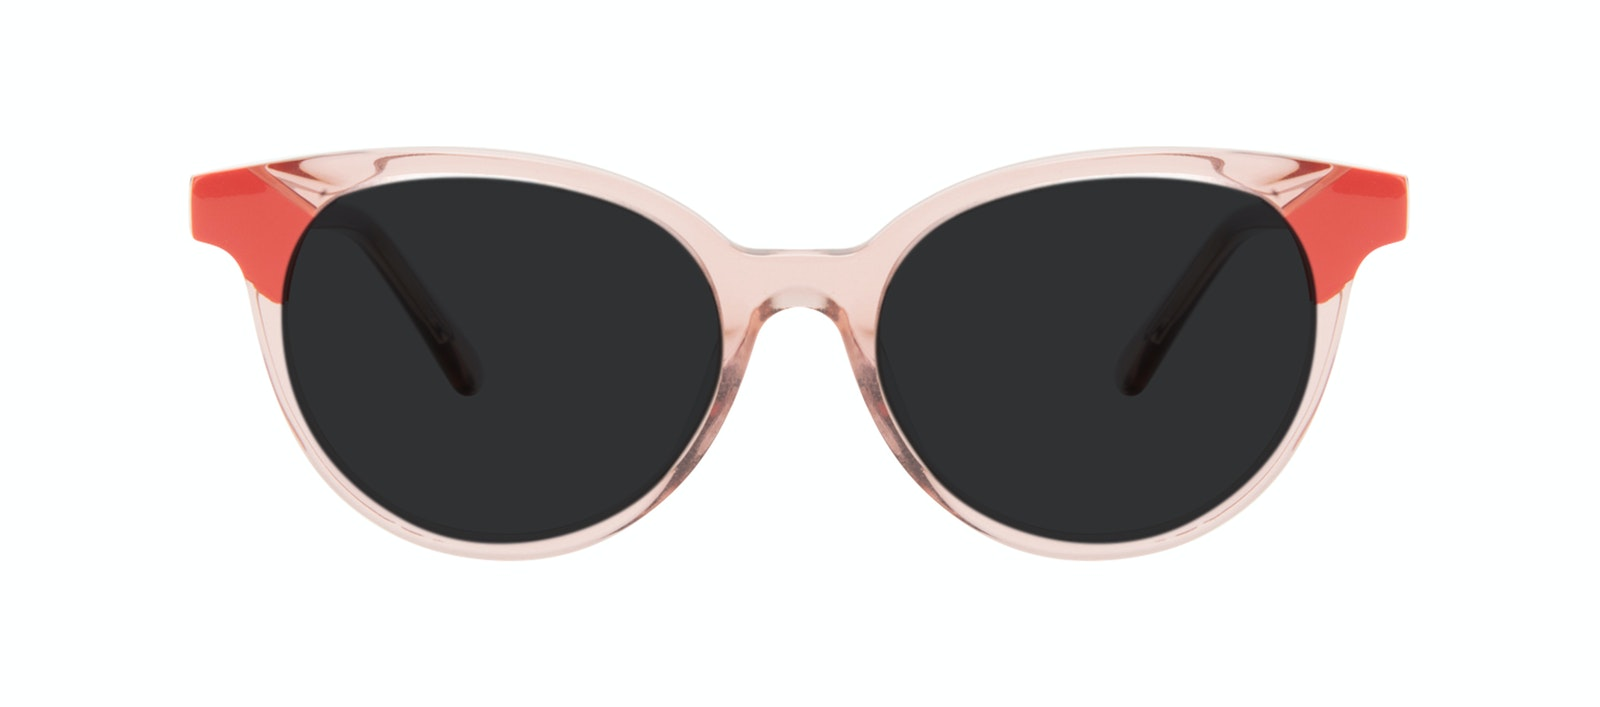 Lunettes tendance Ronde Lunettes de soleil Femmes Bright Pink Coral Face